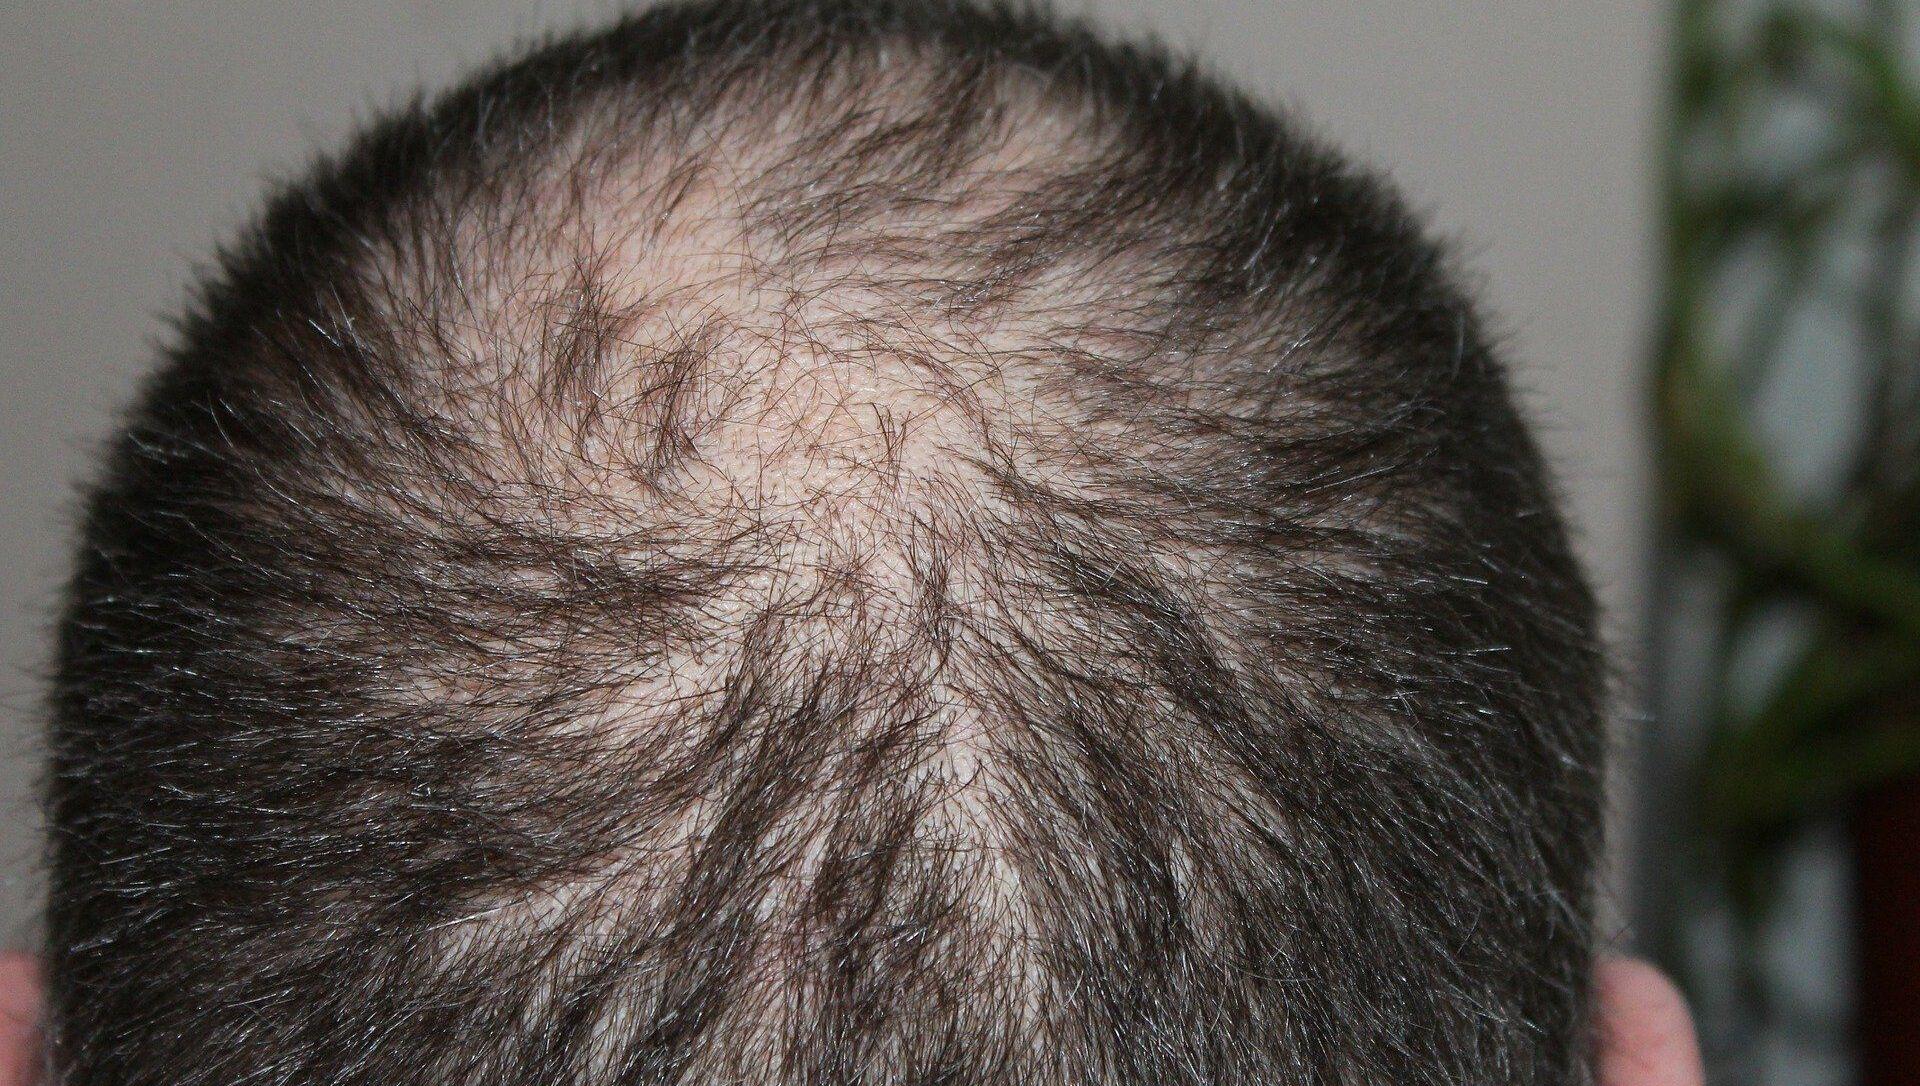 La cabeza de un hombre - Sputnik Mundo, 1920, 05.02.2021